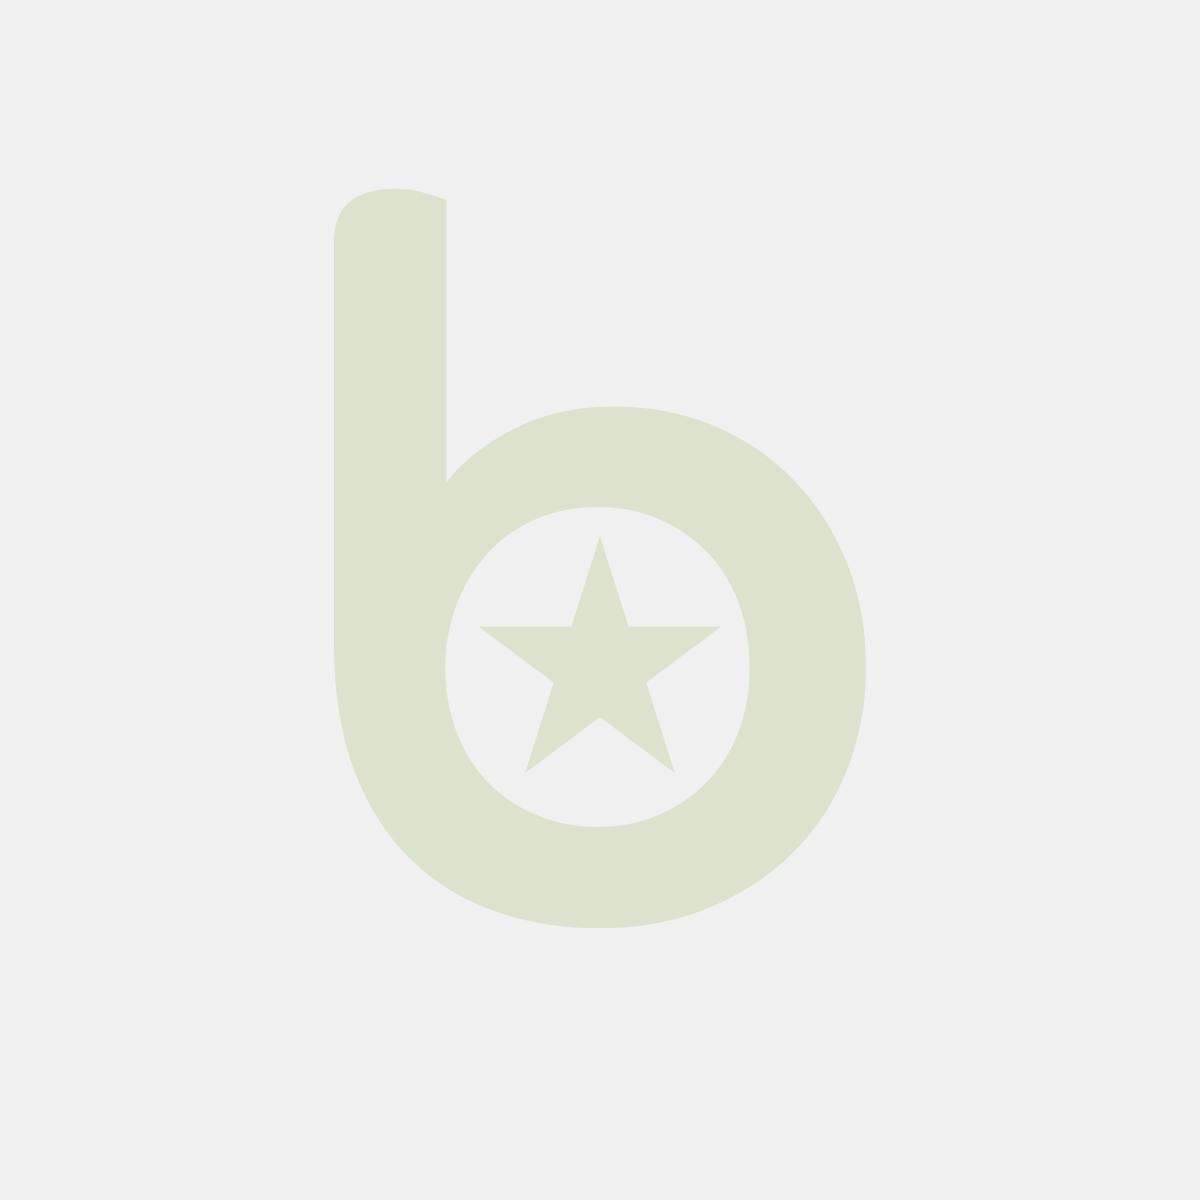 Syfon do bitej śmietany Kurt Scheller Edition fioletowy 0,5 l - kod 975886